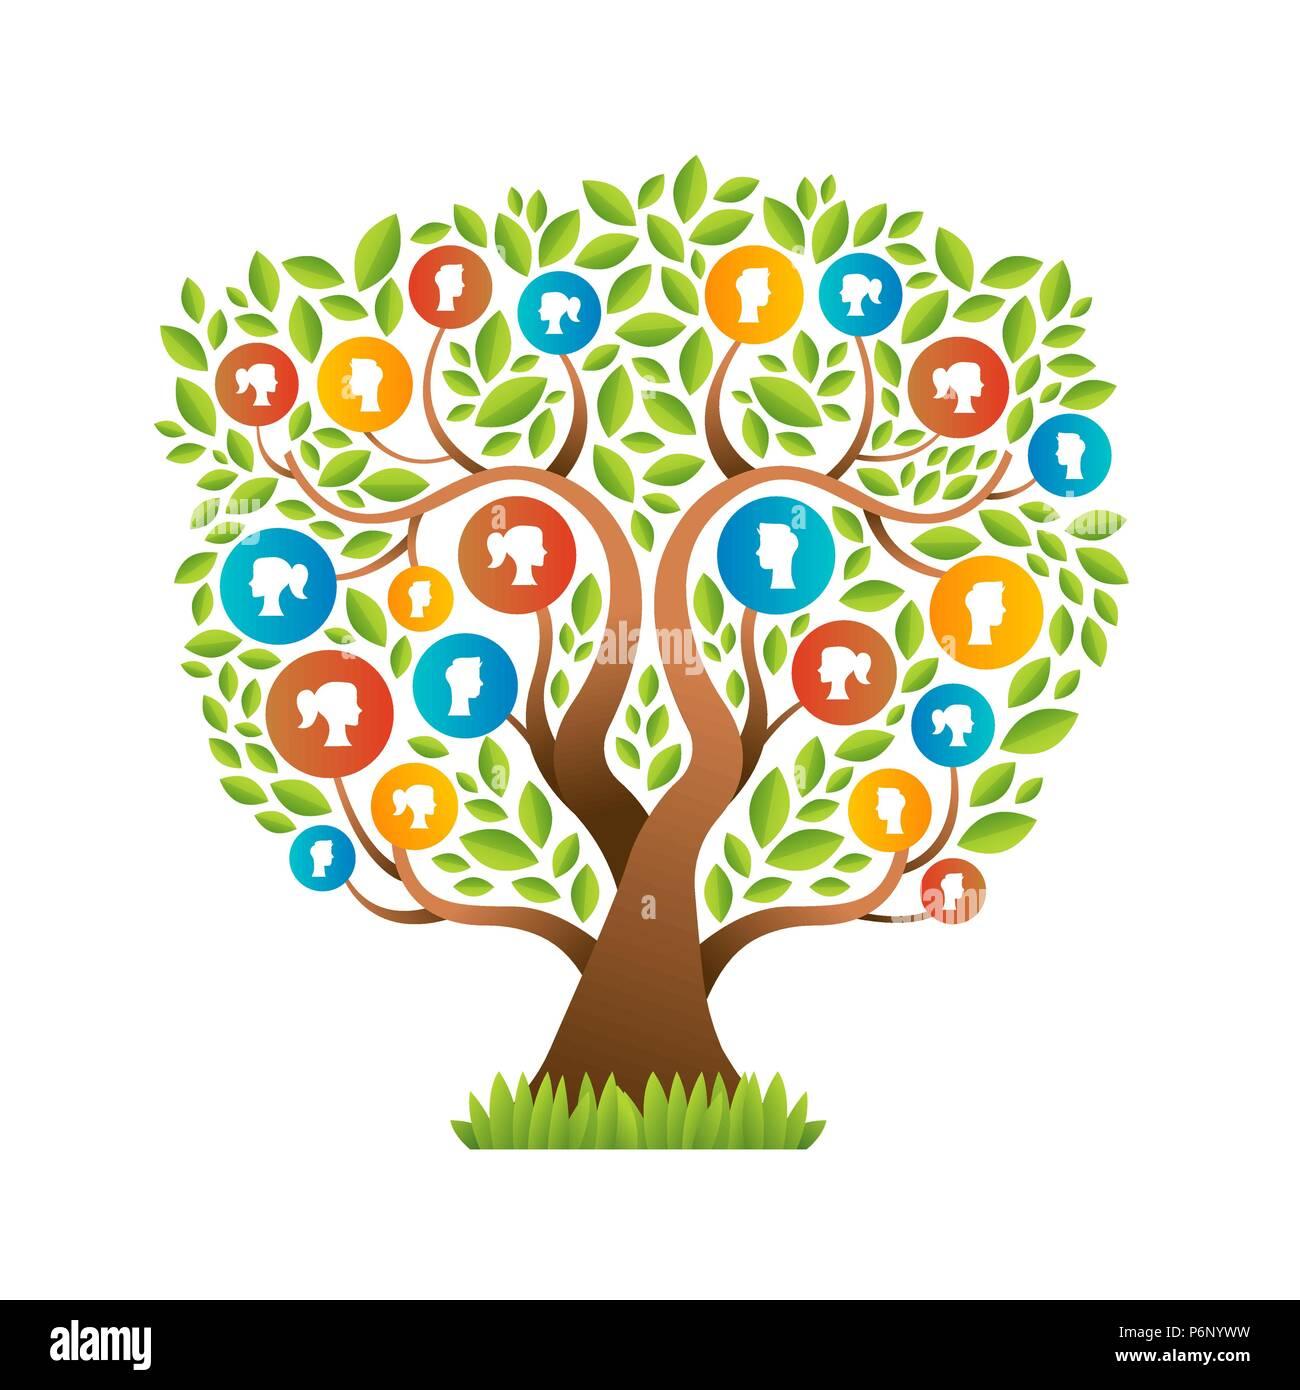 Family Tree Genealogy Vector Imágenes De Stock & Family Tree ...